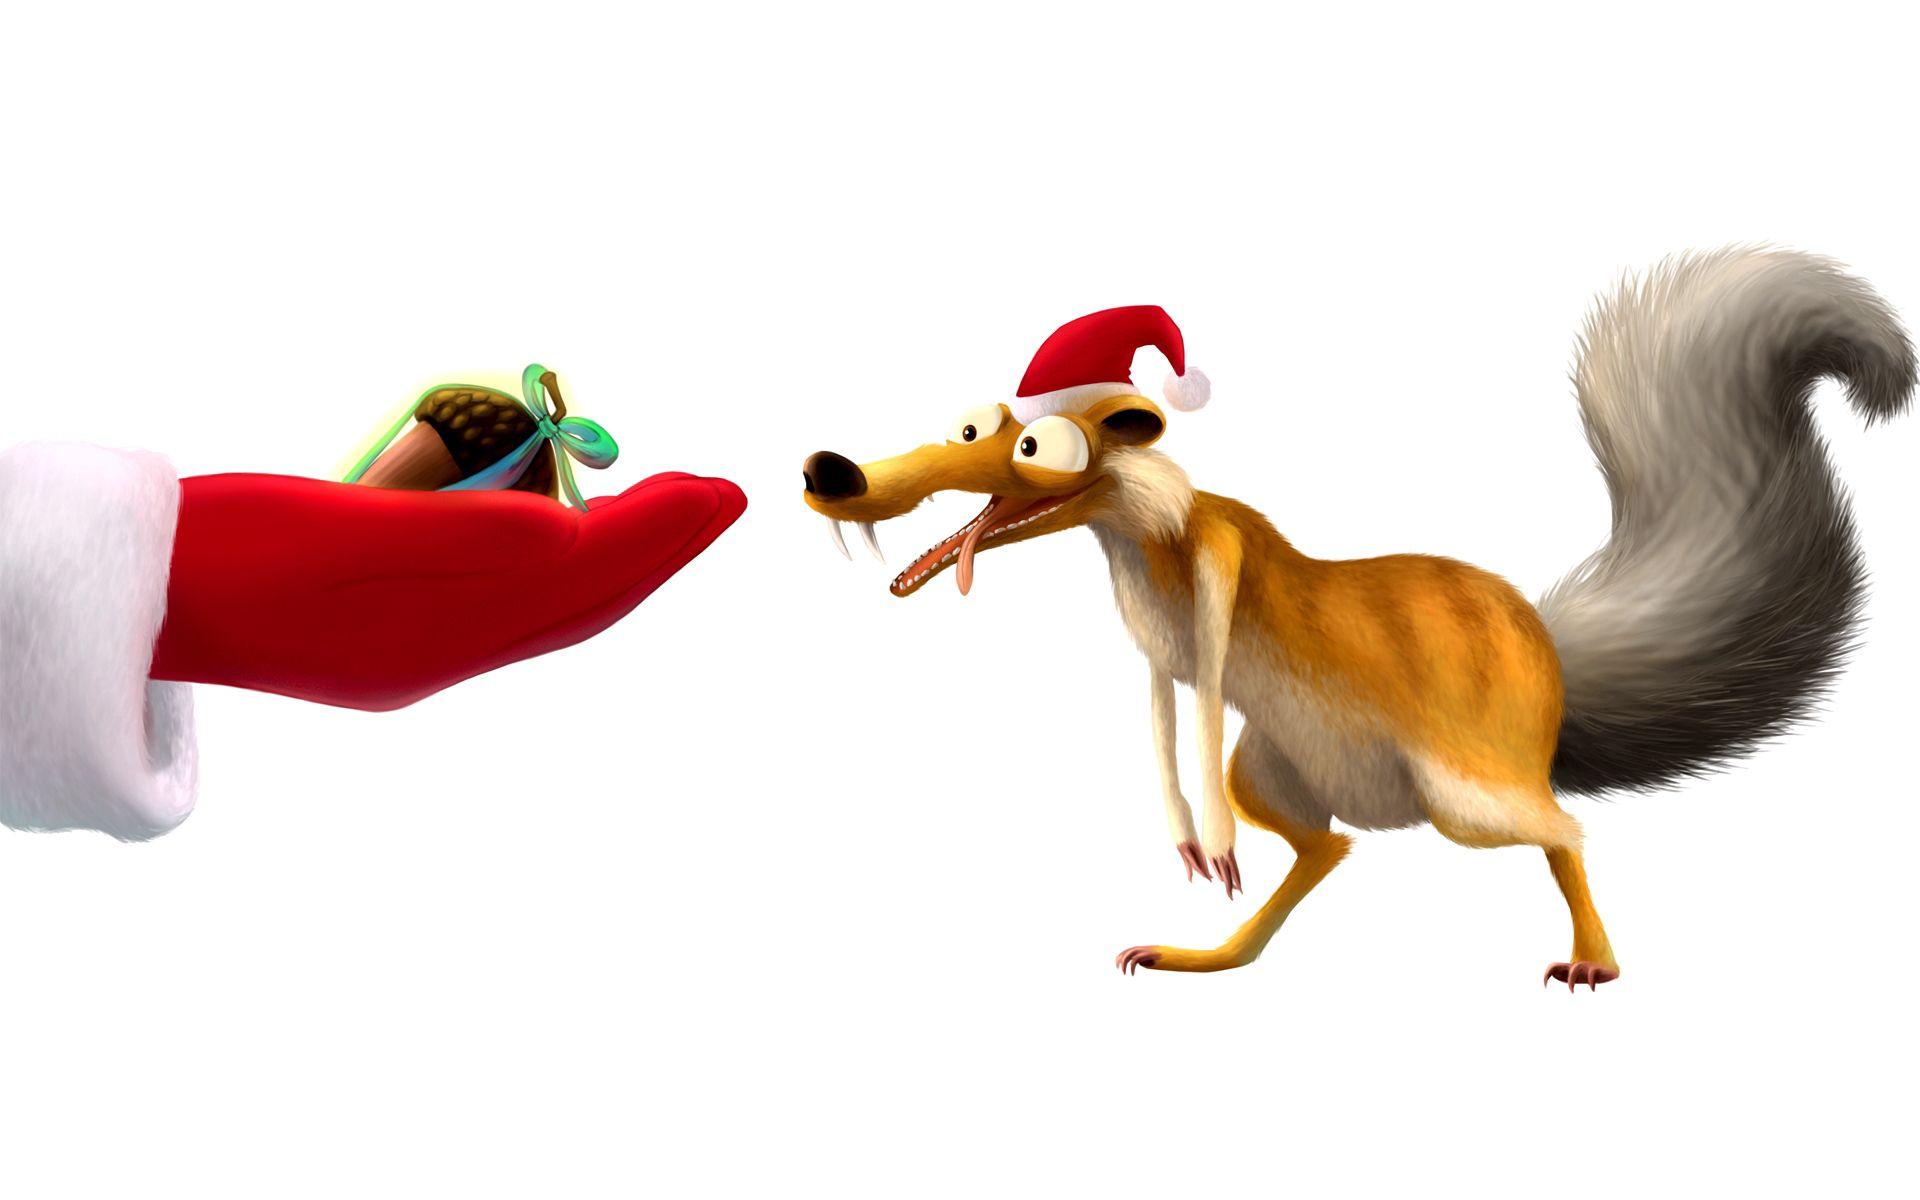 119517 Hintergrundbild herunterladen Eichhörnchen, Eiszeit, Neujahr, Verschiedenes, Sonstige, Neues Jahr, Nuss, Mutter - Bildschirmschoner und Bilder kostenlos